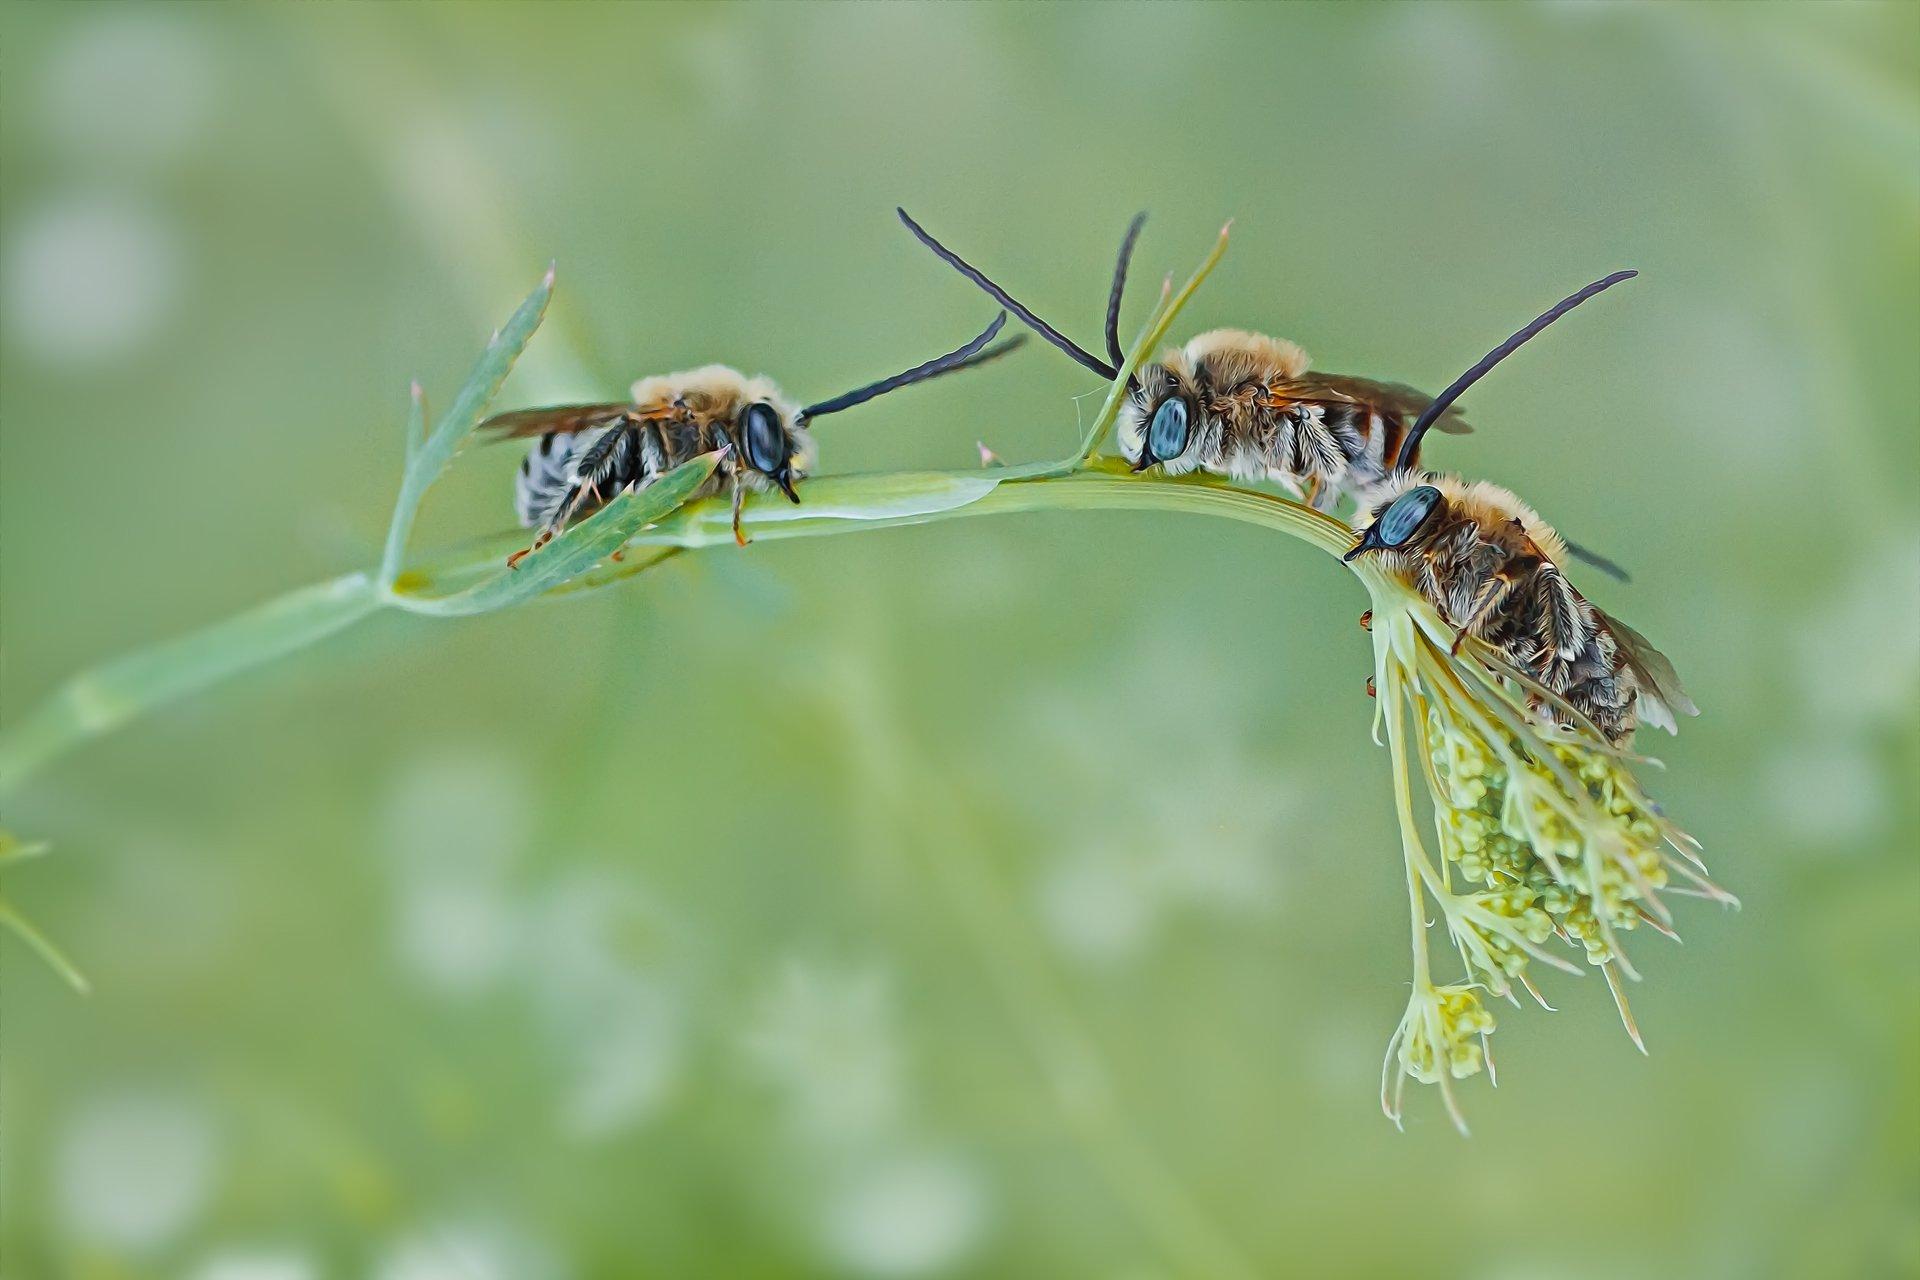 пчела,трава,свет,блики,крылья,жук, Котов Юрий